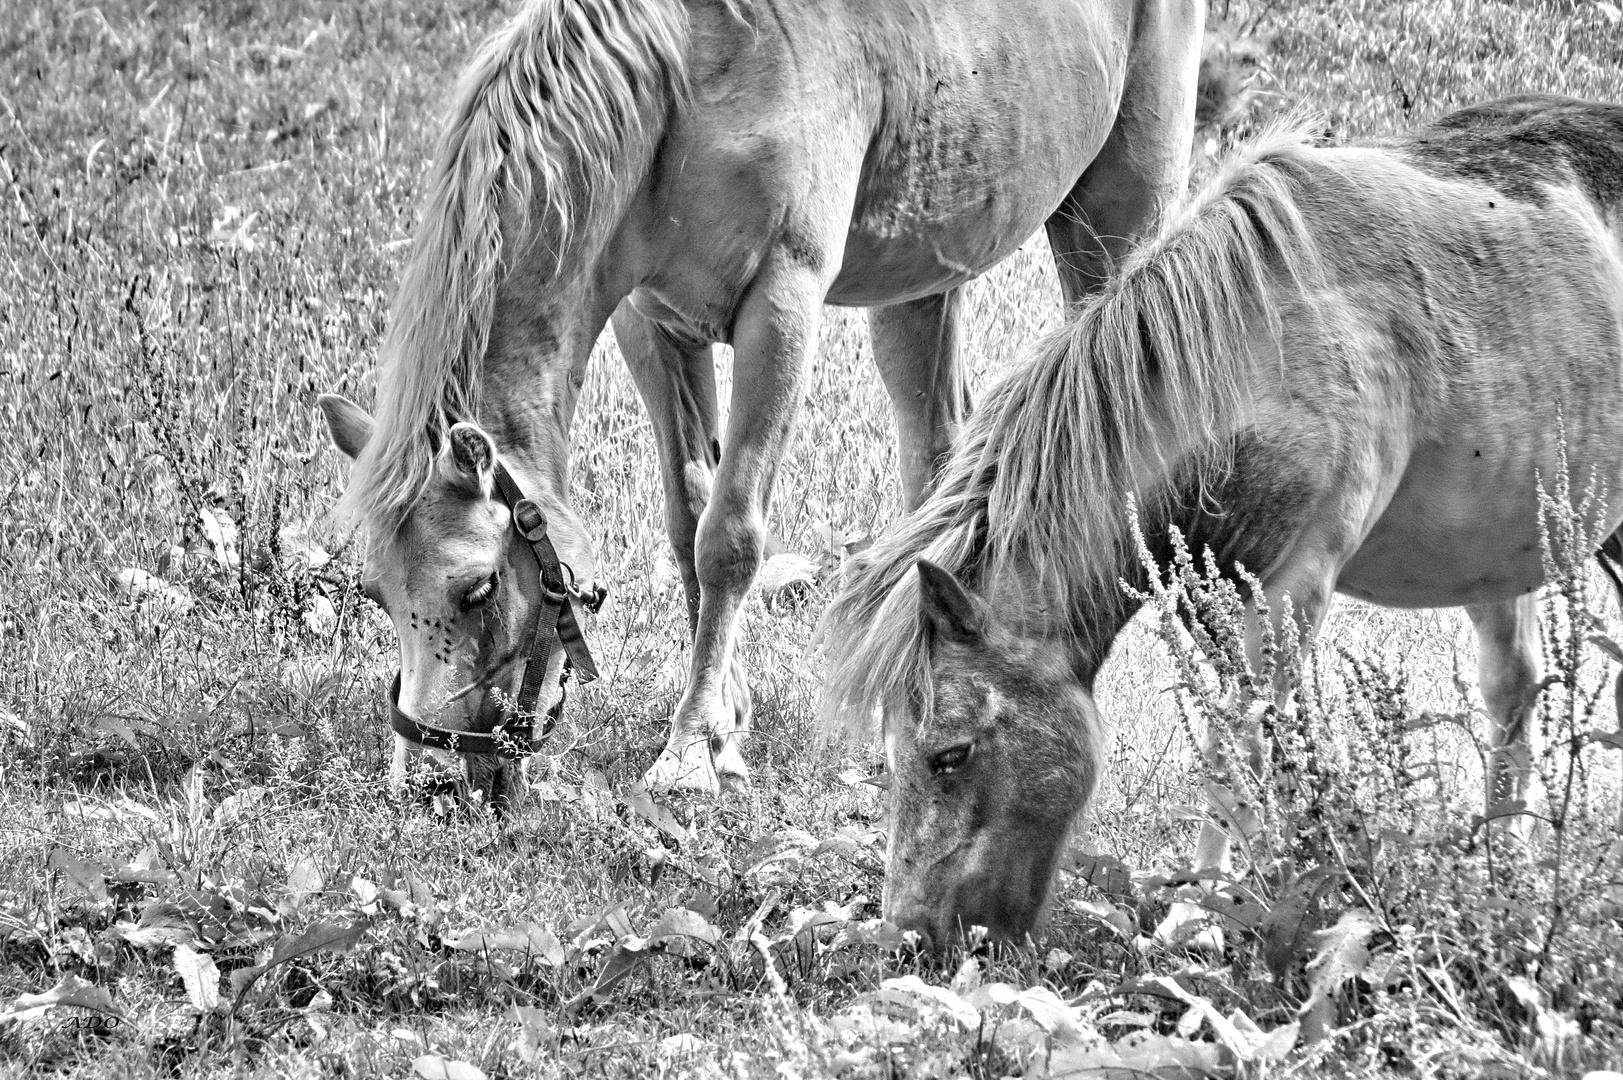 Horse -  Romance